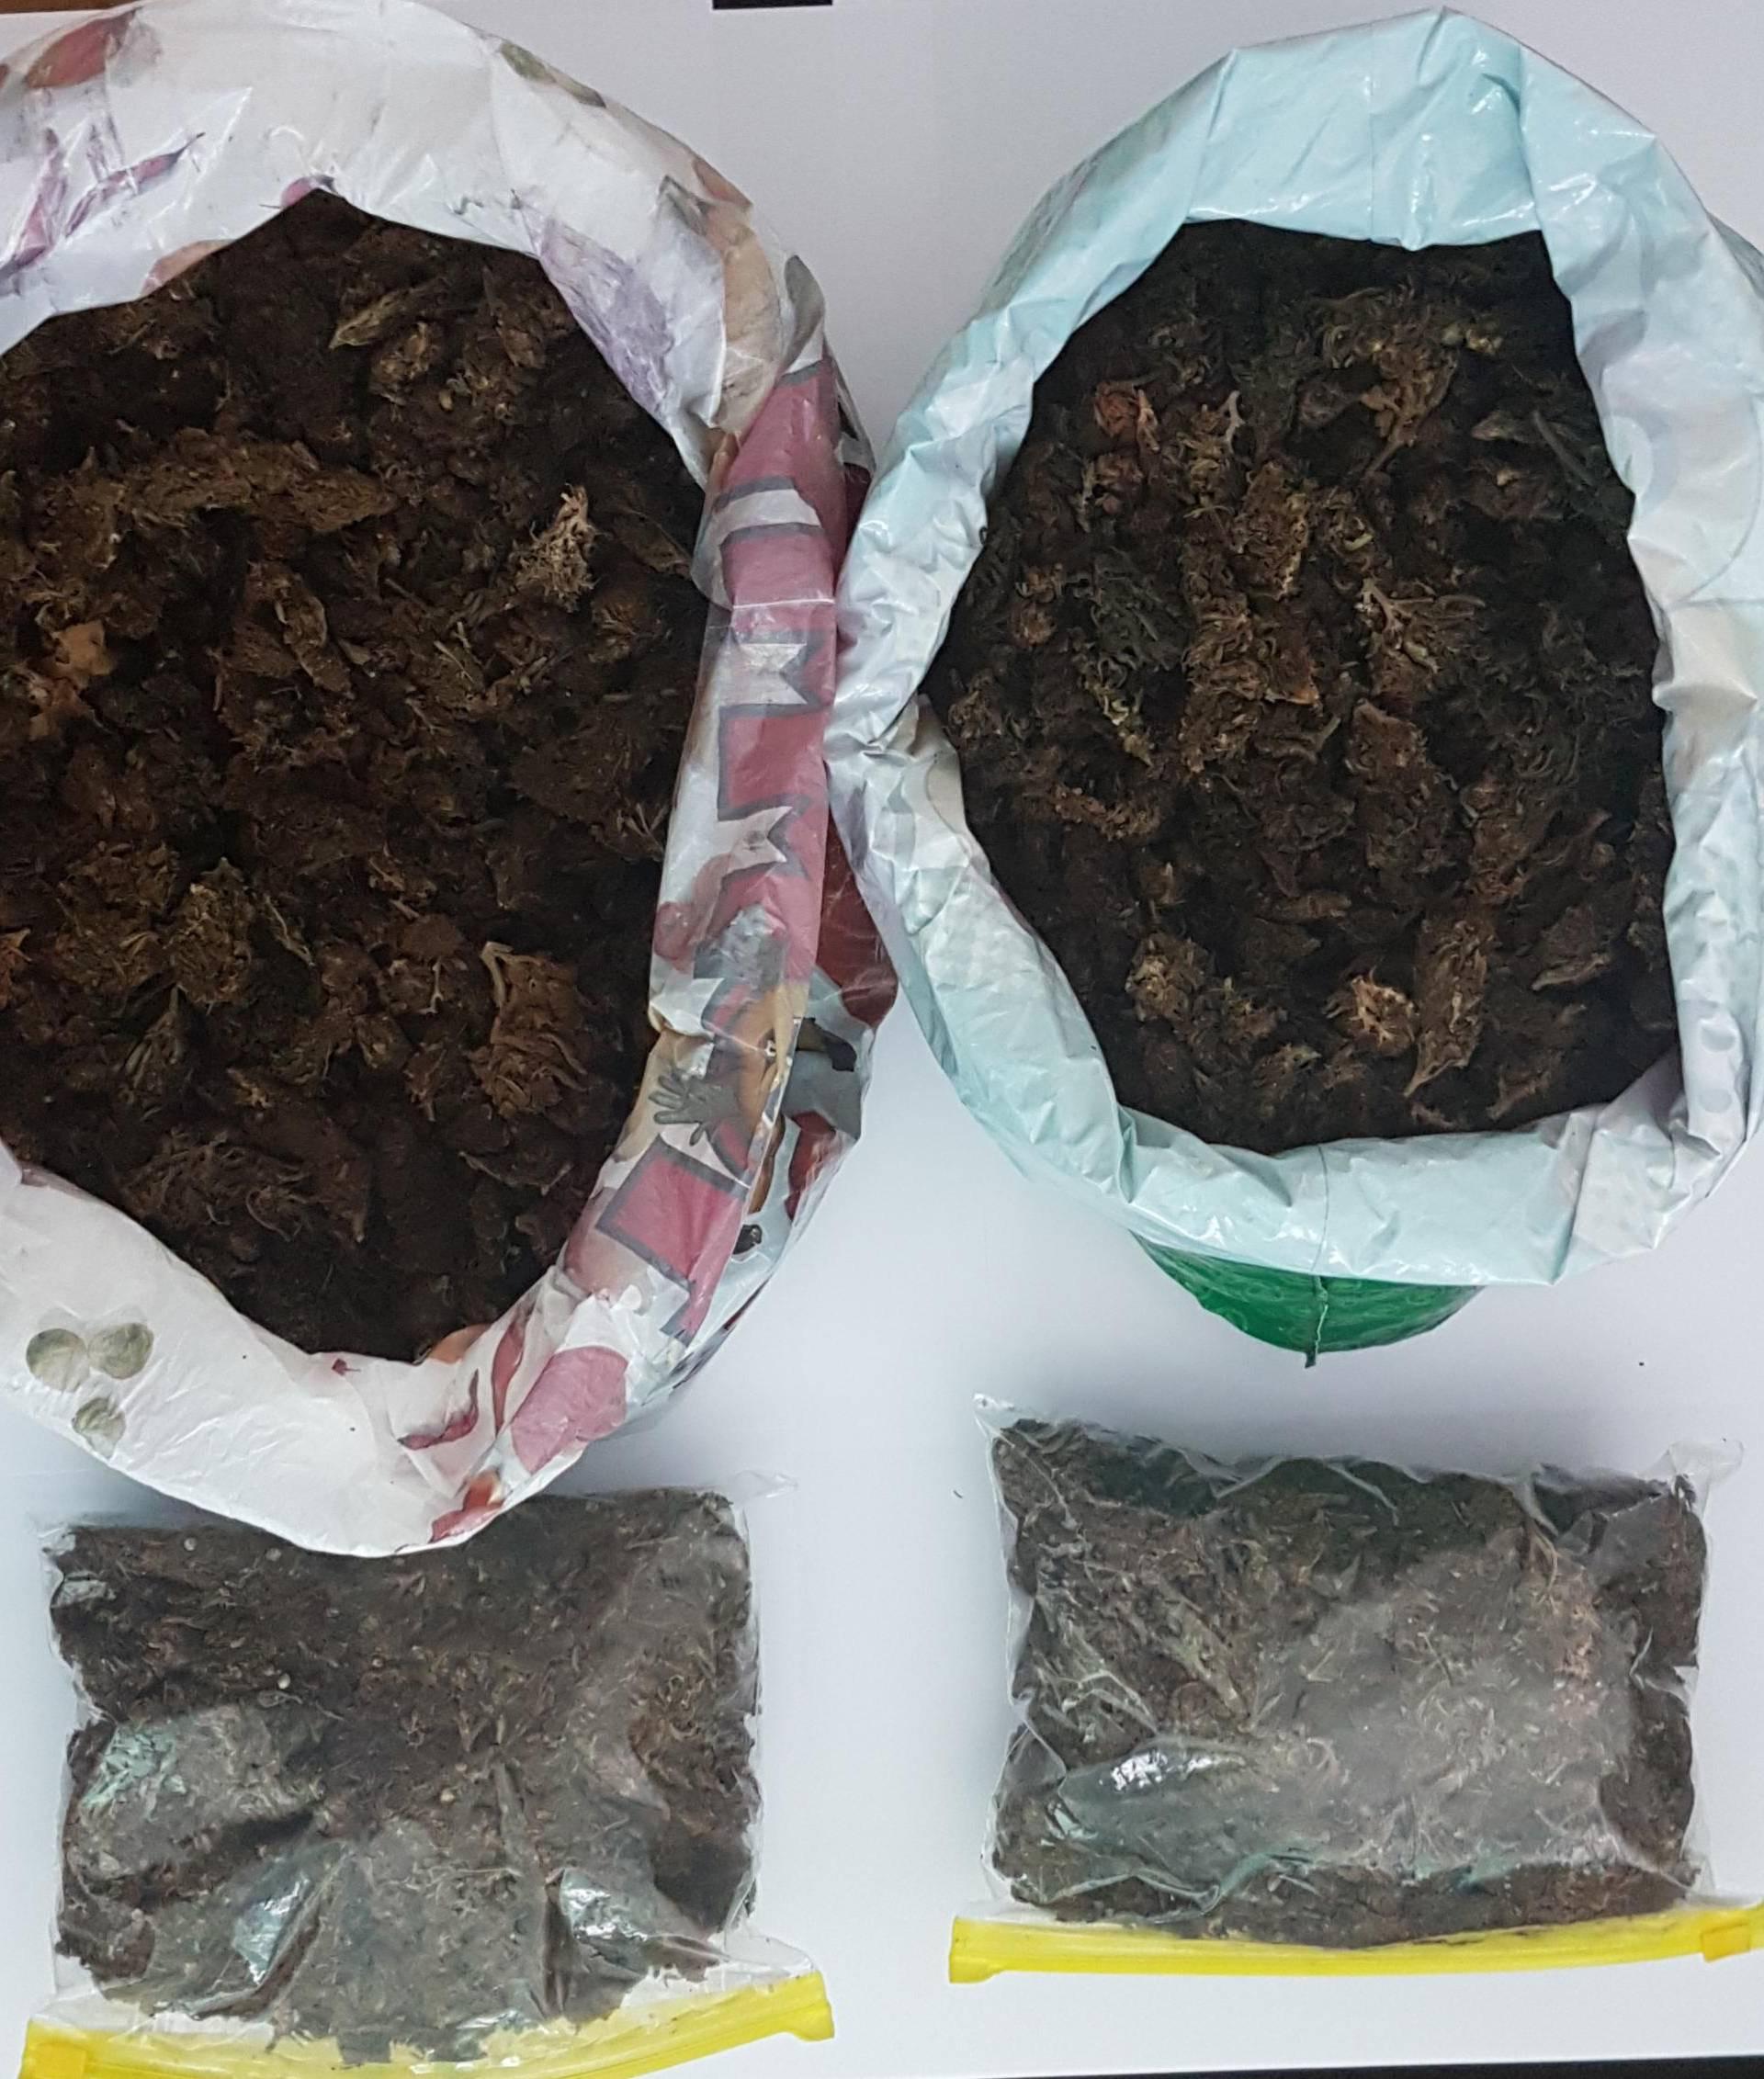 Žena (35) iz Varaždina prodala dvije kile trave 18-godišnjaku